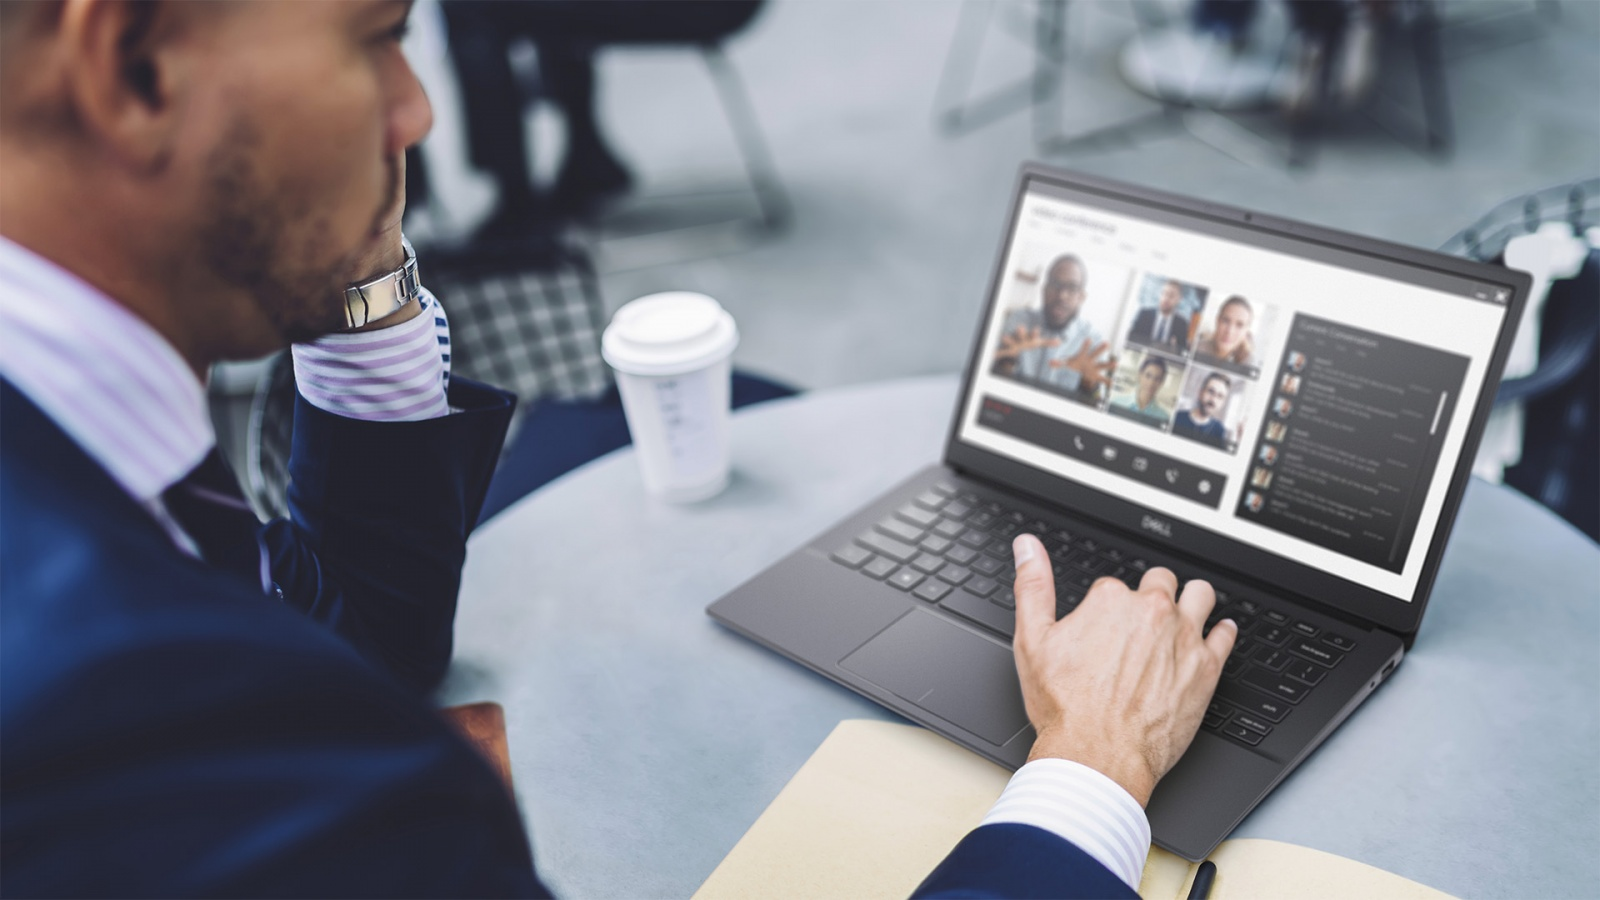 Вебинары Dell Technologies: все подробности о нашей обучающей программе - 1